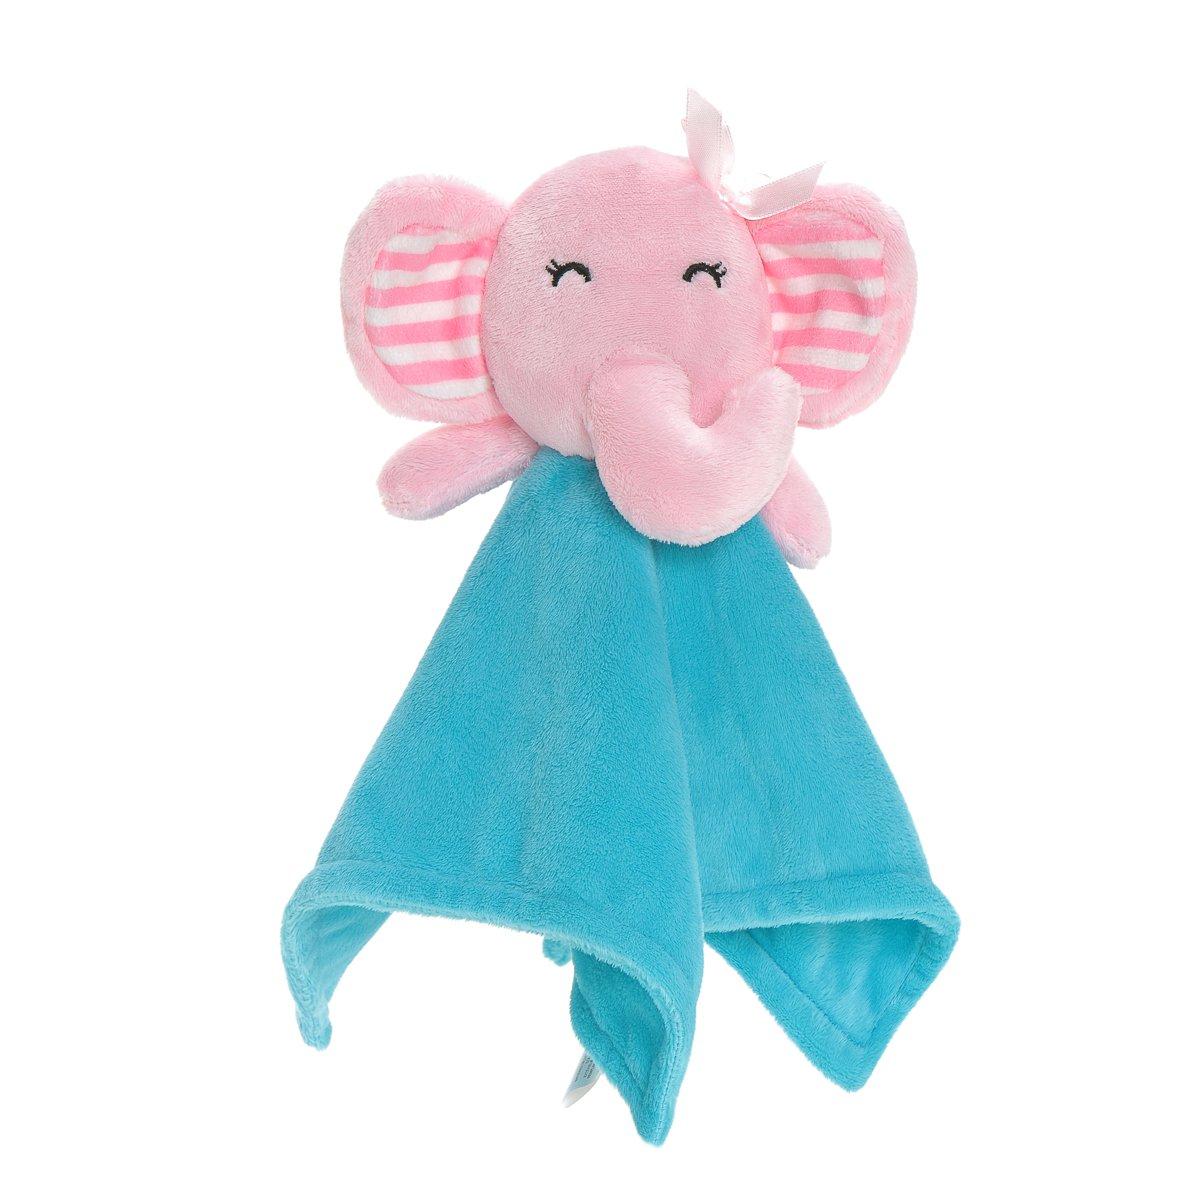 Soft Baby Security Blanket Toys-Wingingkids Baby Toys Bedtime Comforters Security Blankets Toy Pink Elephant